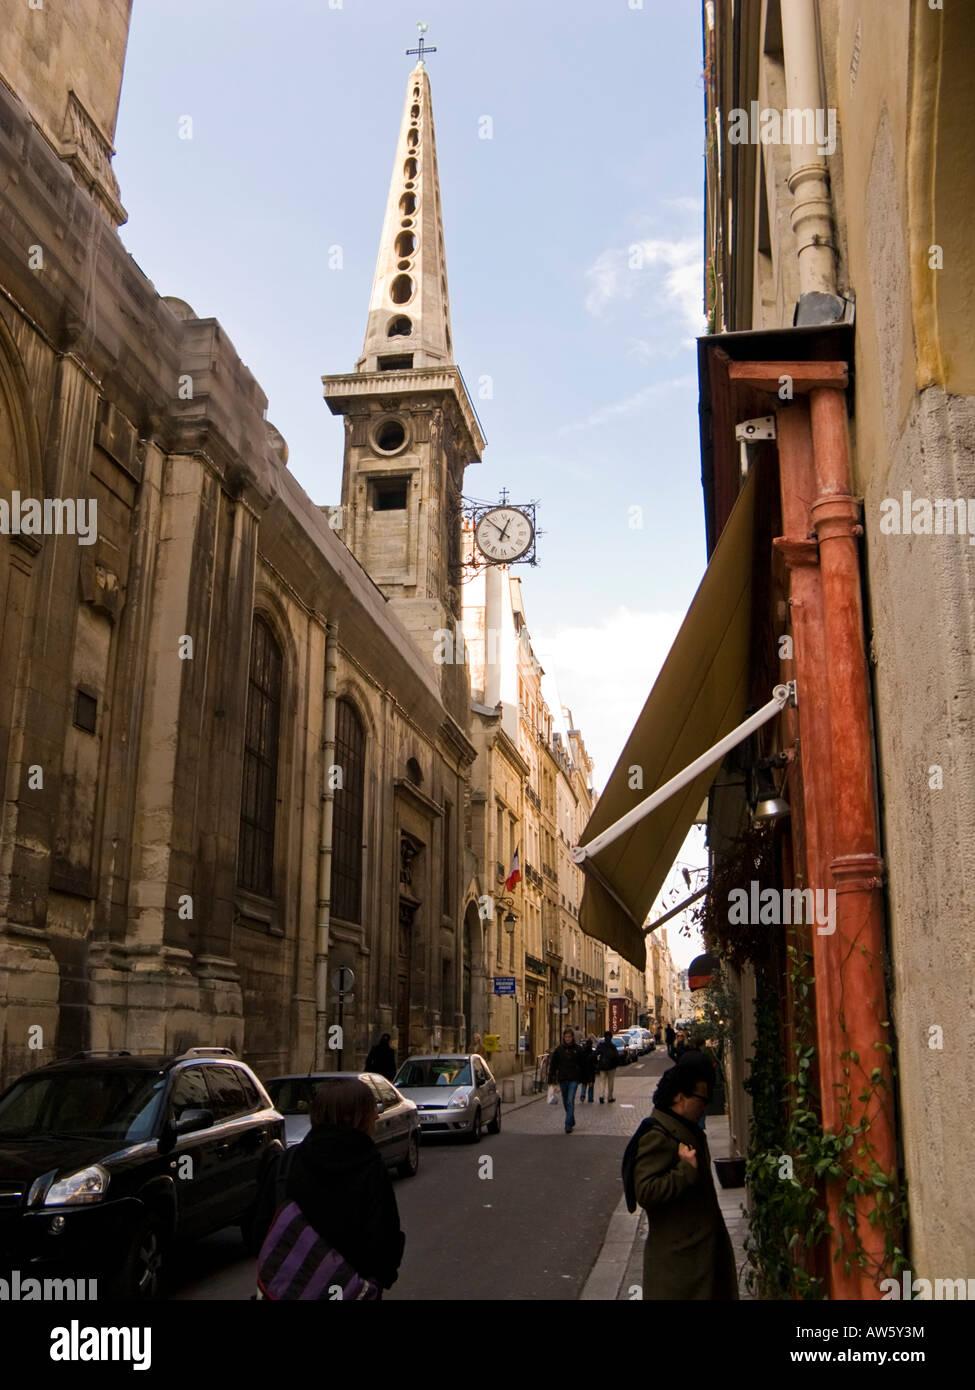 'Eglise St Louis' church on the 'Rue Saint Louis en L'Ille', 'Ile Saint Louis' Paris - Stock Image